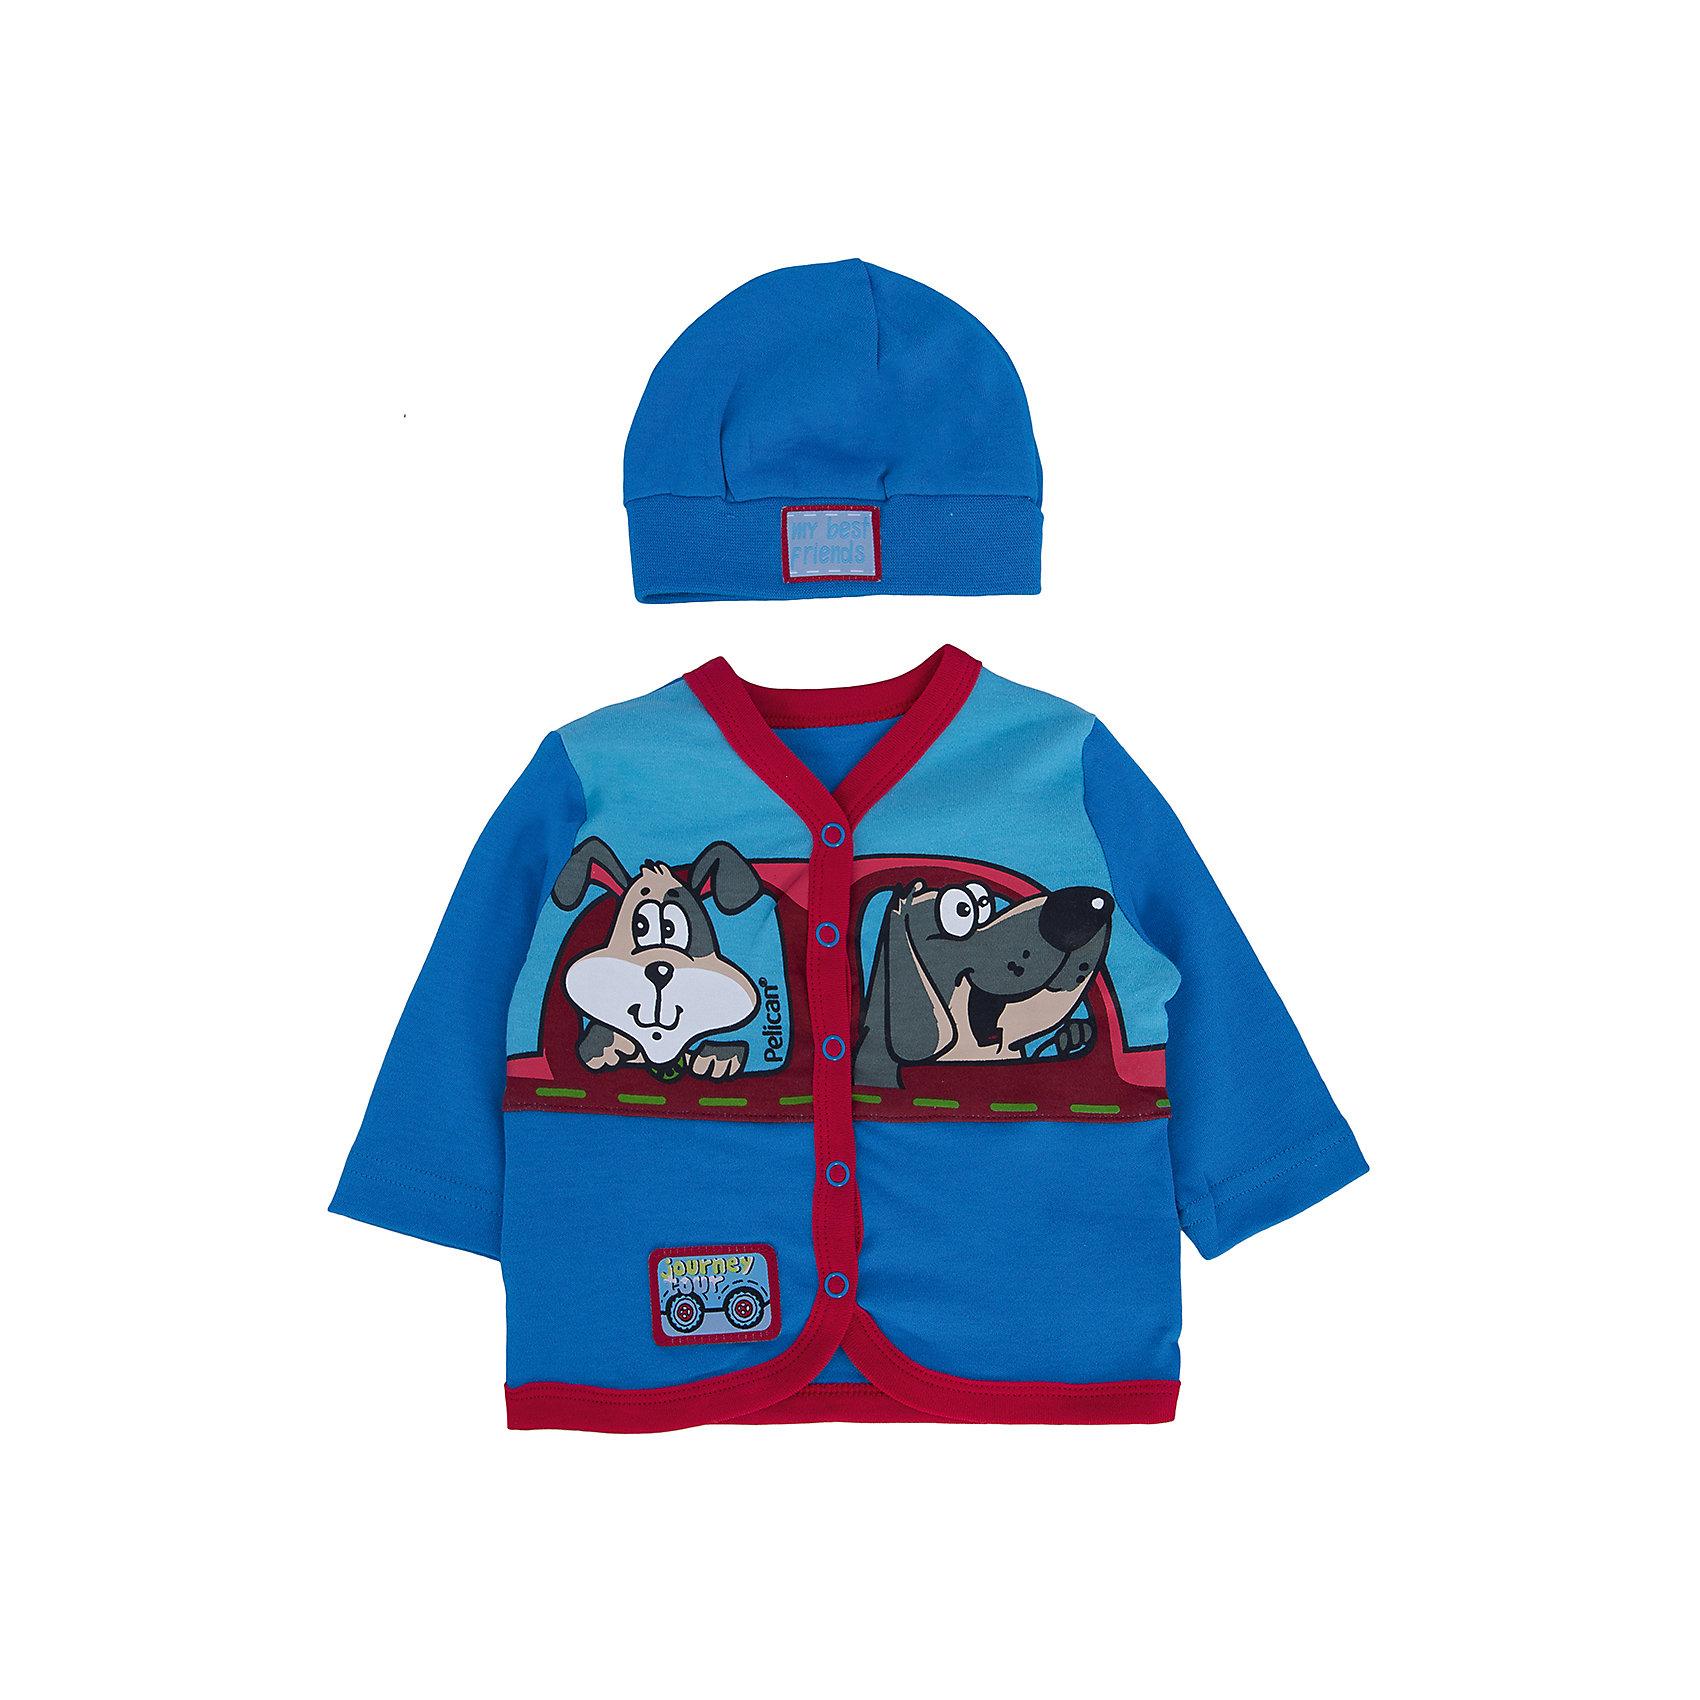 Комплект: кофточка и шапка  PELICANМодный и симпатичный комплект состоит из шапки и кофточки. Изделия помогут обеспечить малышу удобство и тепло. Удобный крой и качественный материал обеспечат ребенку комфорт при ношении этих вещей. <br>Шапочка украшена модной нашивкой. Кофточка декорирована ярким принтом, застегивается также с помощью кнопок. Материал - легкий, отлично подходит для детской одежды, состоит из дышащего натурального хлопка. Очень приятен на ощупь, не вызывает аллергии.<br><br>Дополнительная информация:<br><br>материал: 100% хлопок;<br>цвет: синий;<br>декорирован принтом и нашивками;<br>рукав длинные.<br><br>Комплект от бренда PELICAN (Пеликан) можно купить в нашем магазине.<br><br>Ширина мм: 157<br>Глубина мм: 13<br>Высота мм: 119<br>Вес г: 200<br>Цвет: голубой<br>Возраст от месяцев: 6<br>Возраст до месяцев: 9<br>Пол: Унисекс<br>Возраст: Детский<br>Размер: 74,62,68<br>SKU: 4805253